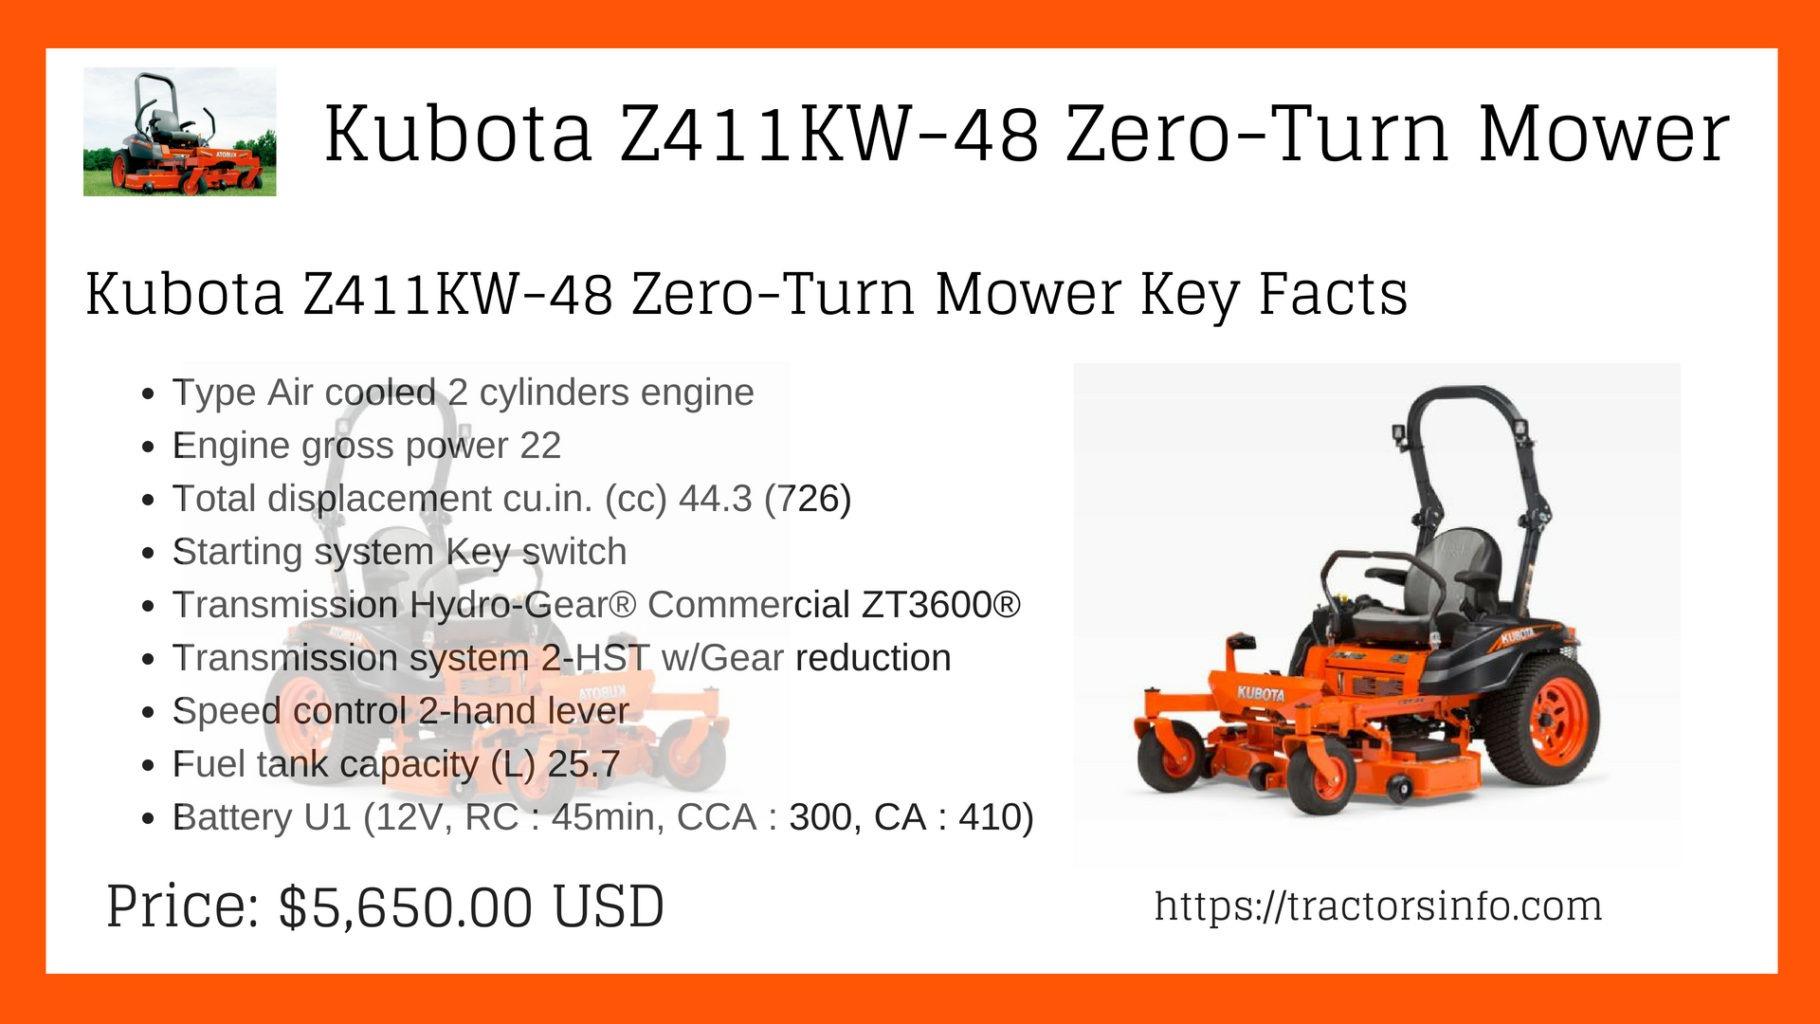 Kubota Z411KW-48 Zero-Turn Mower